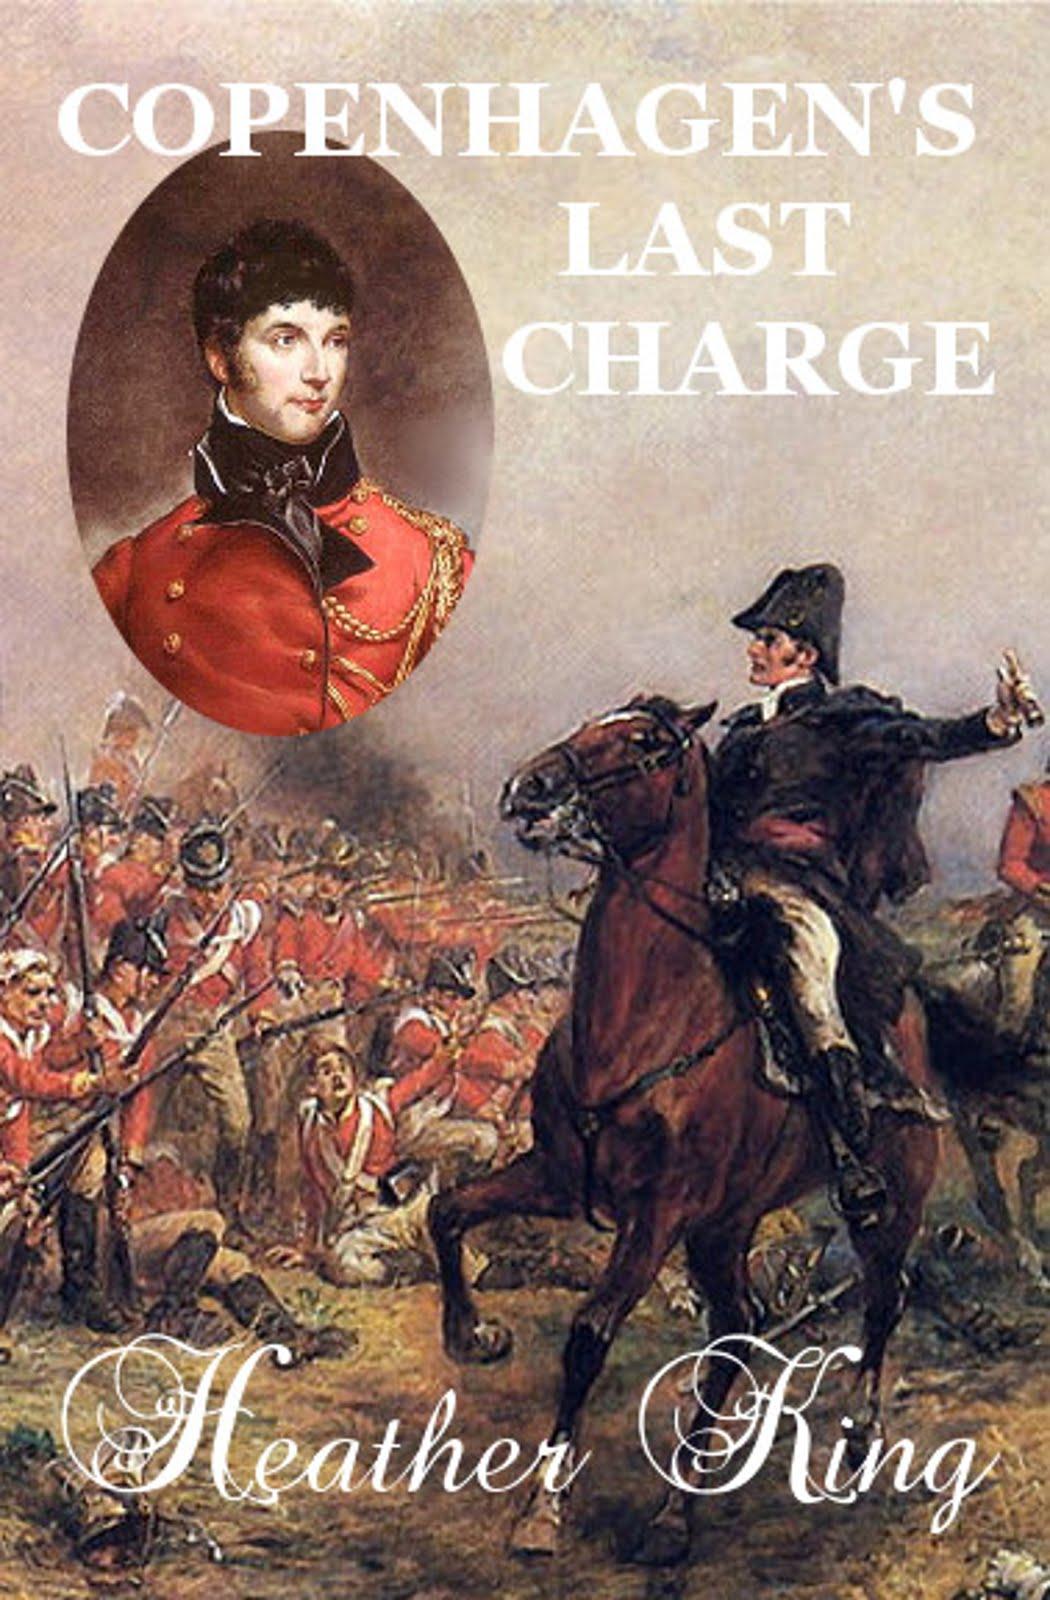 Copenhagen's Last Charge